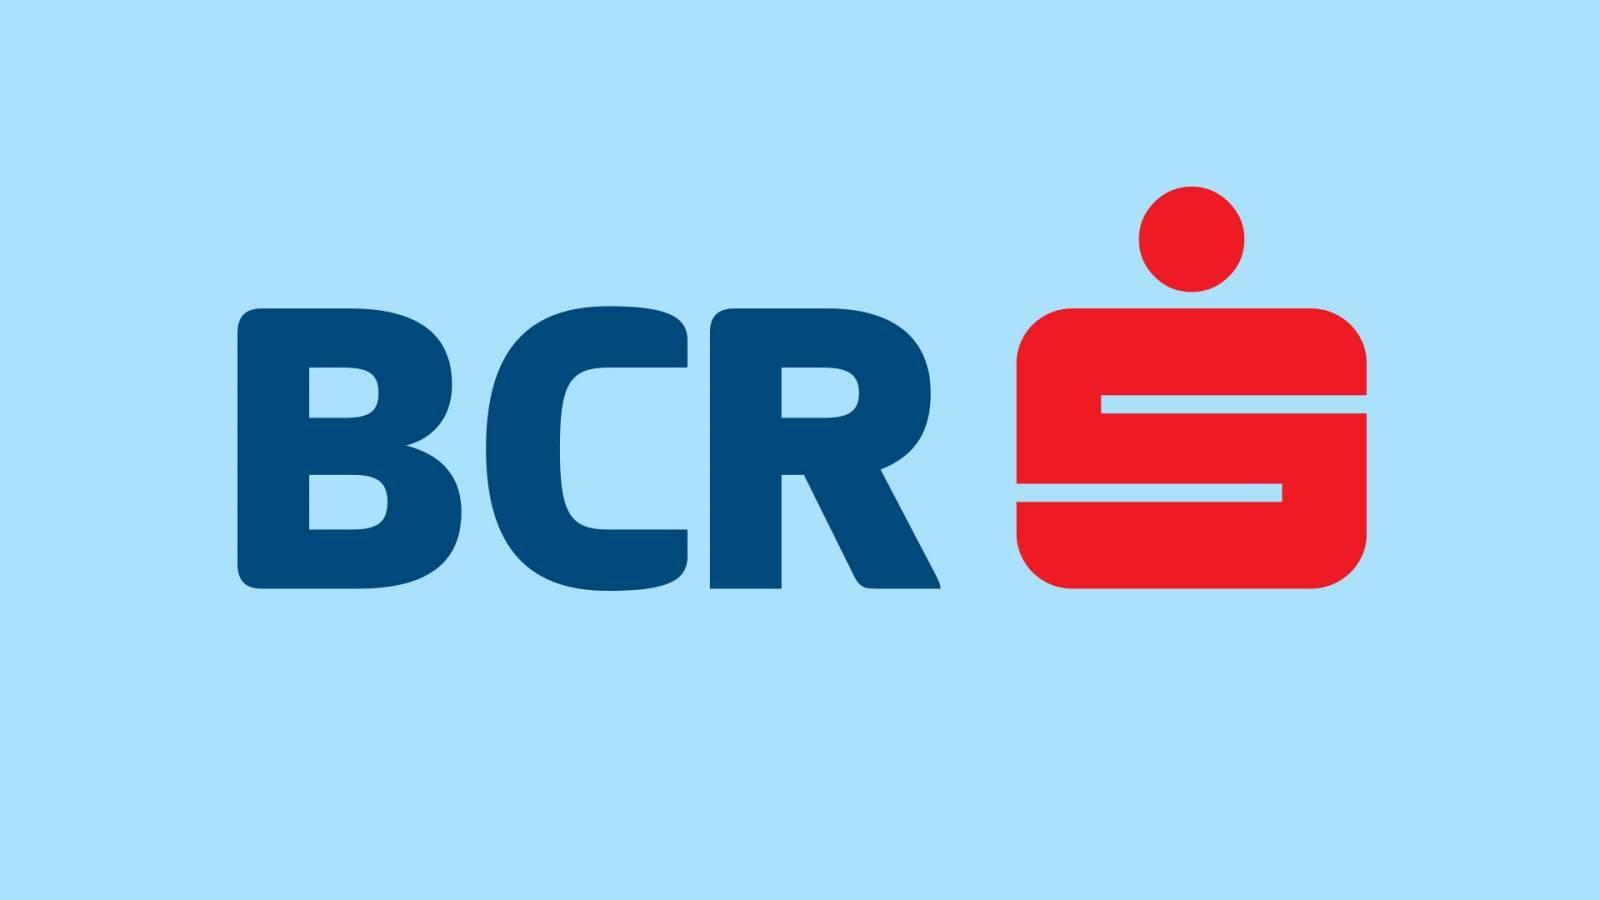 BCR Romania diferente